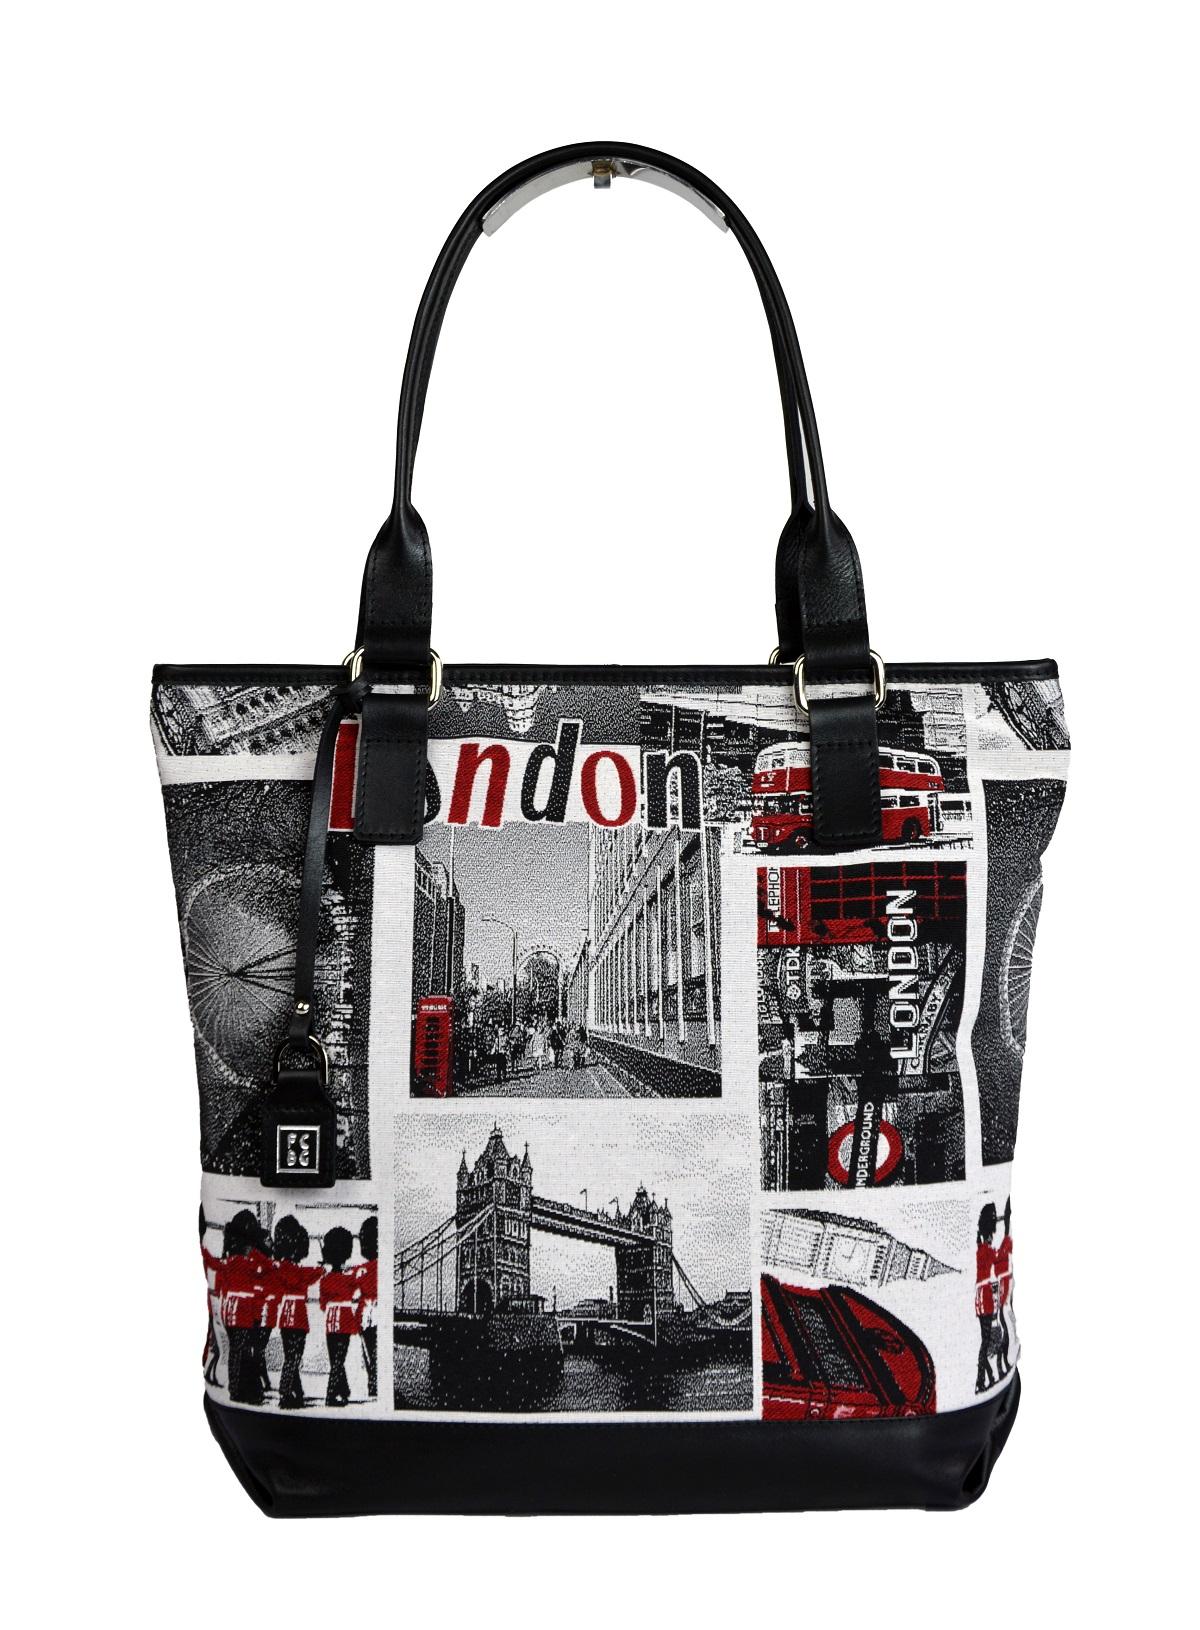 Dámská látková kabelka FACEBAG JANA - London látka + kůže